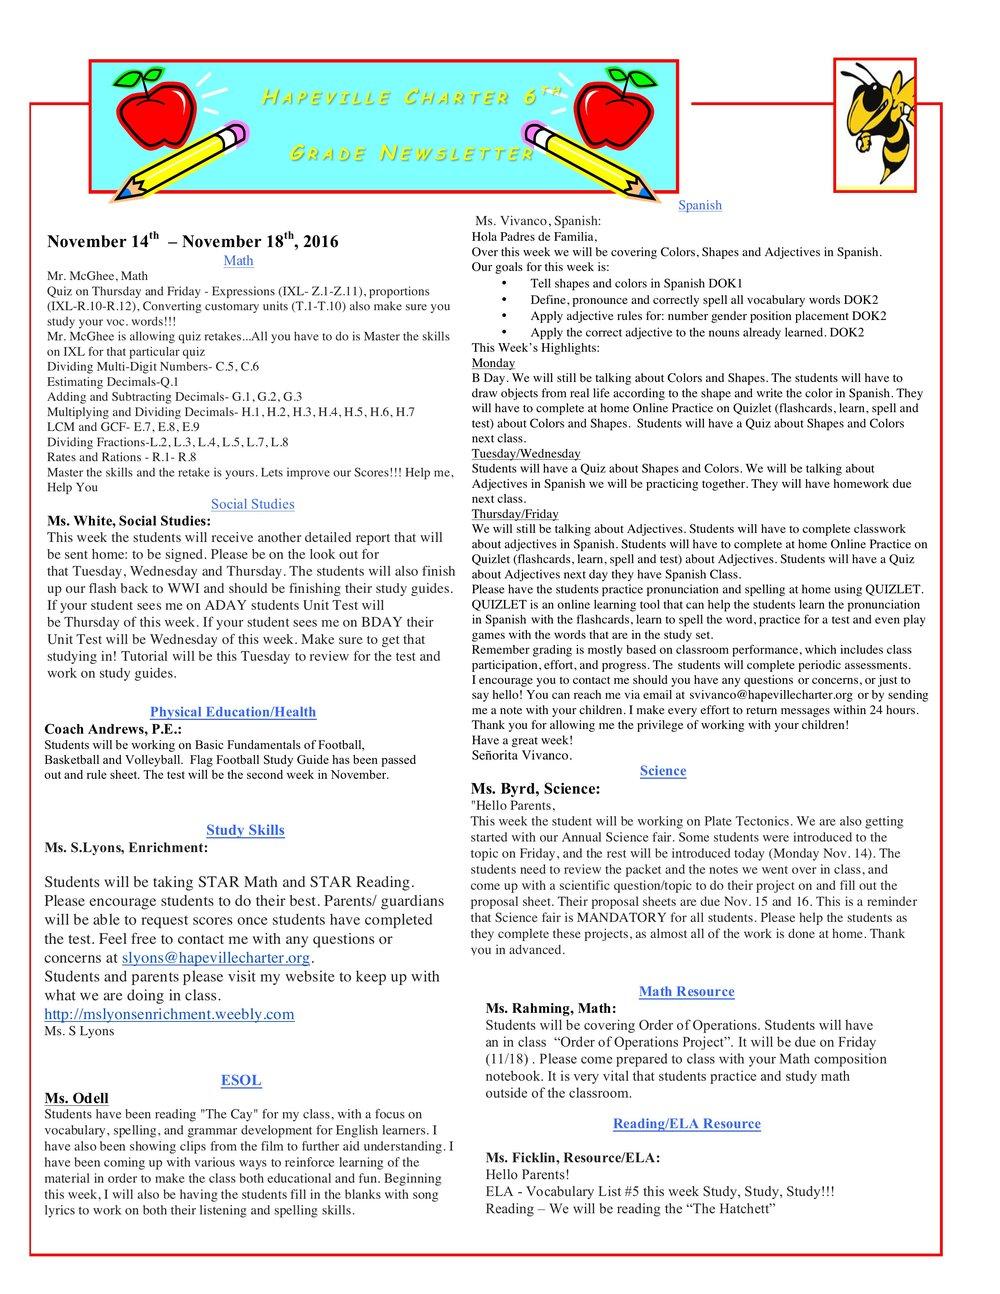 Newsletter Image6th Grade Newsletter 11-14-2016.jpeg